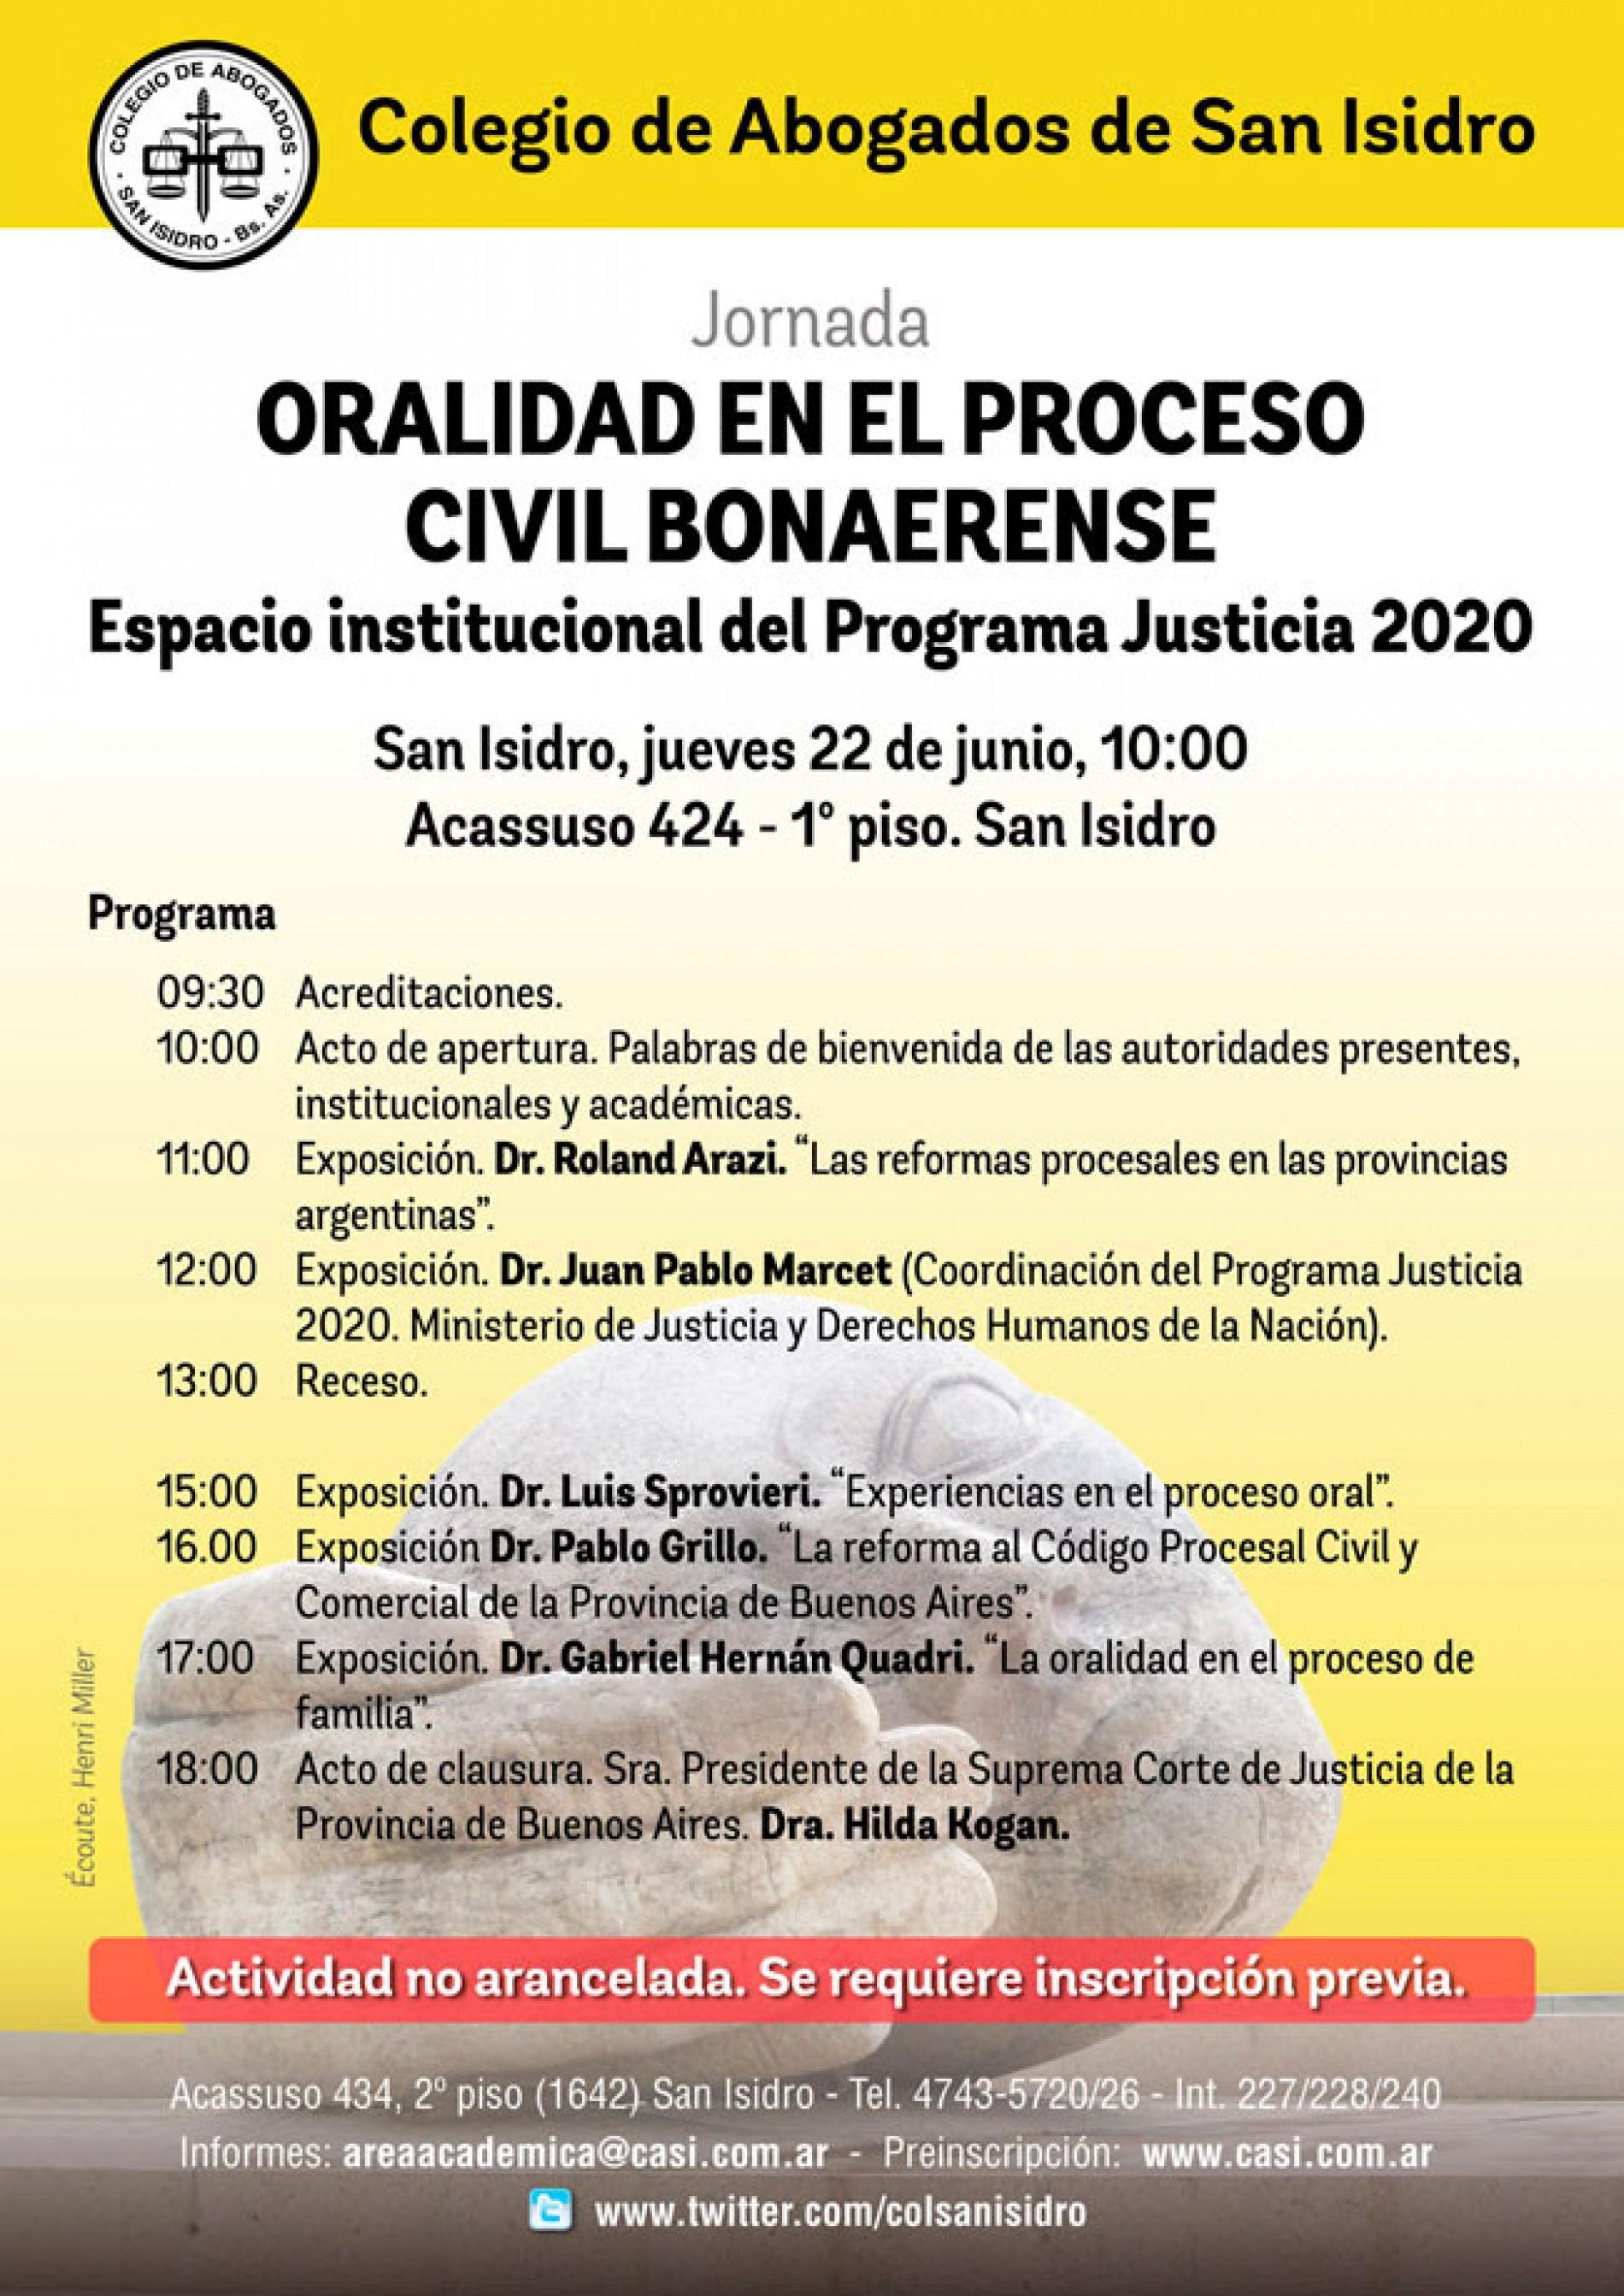 «Oralidad en el proceso civil bonaerense. Programa Justicia 2020»